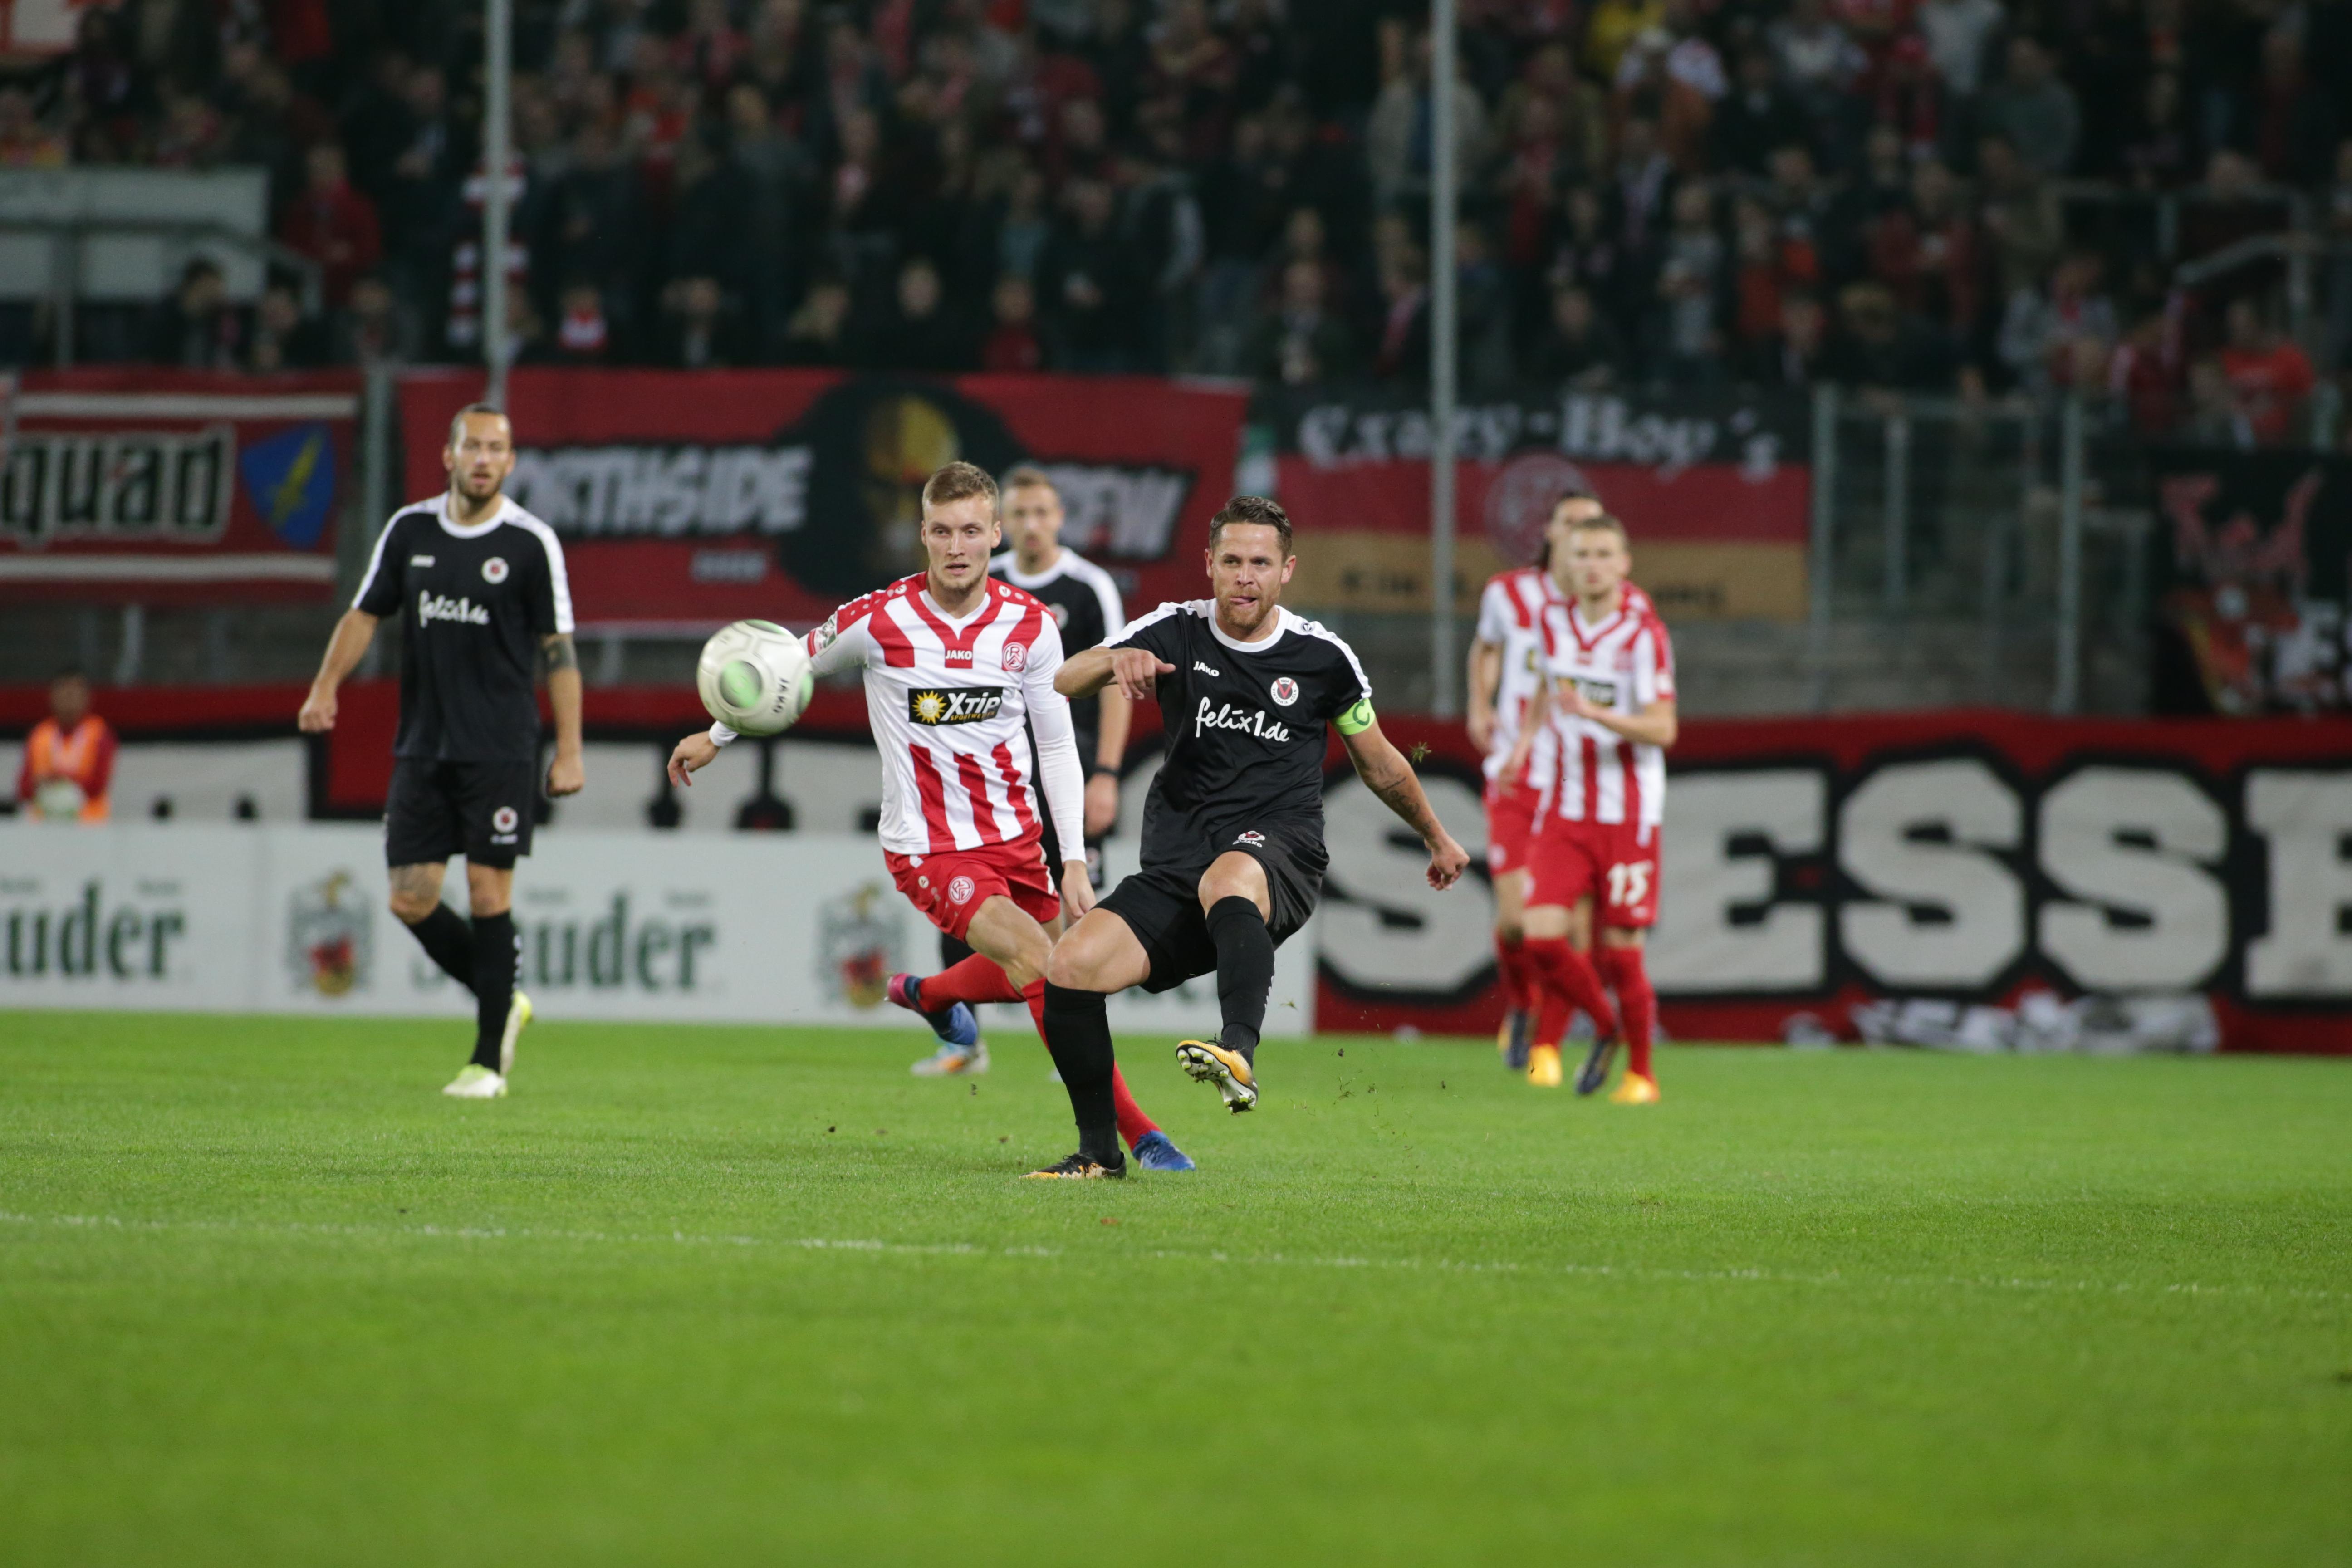 Mit 0:2 unterlagen die Rot-Weissen trotz kämpferisch guter Leistung. (Foto: Endberg)